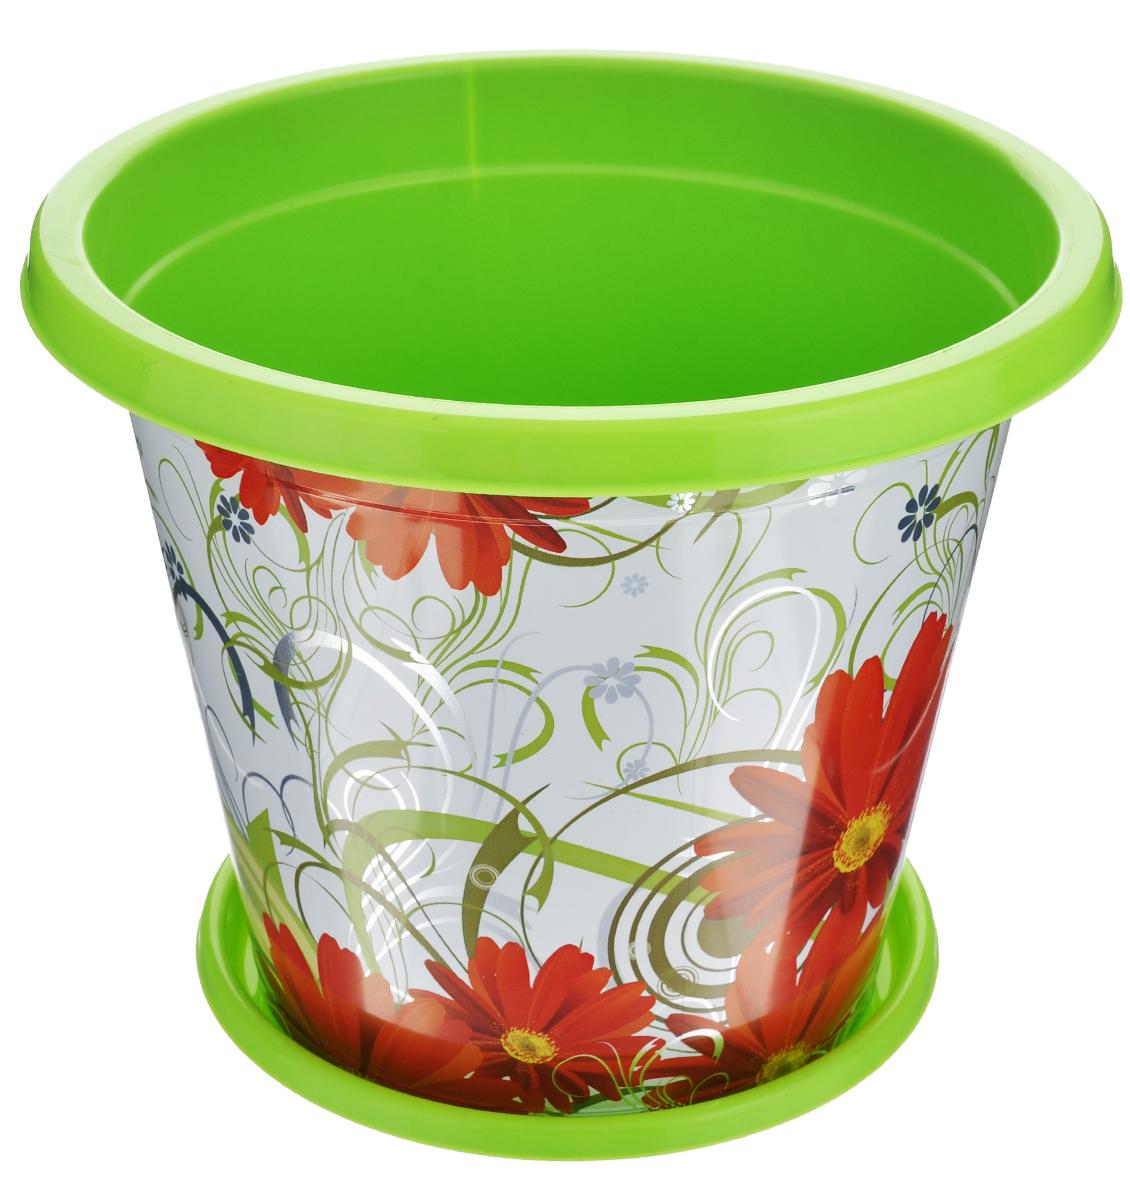 Горшок-кашпо Альтернатива Сюзанна, с поддоном, цвет: салатовый, красный, 3 лKOC_SOL209Горшок-кашпо Альтернатива Сюзанна изготовлен из прочного пластика и оформлен красивым цветочным рисунком. Круглый поддон предназначен для стока воды. Изделие подходит для выращивания растений и цветов в домашних условиях. Такой горшок порадует вас изысканным дизайном и функциональностью, а также оригинально украсит интерьер помещения. Диаметр горшка по верхнему краю: 21 см. Высота горшка: 17 см. Диаметр поддона: 15,5 см. Объем горшка: 3 л.